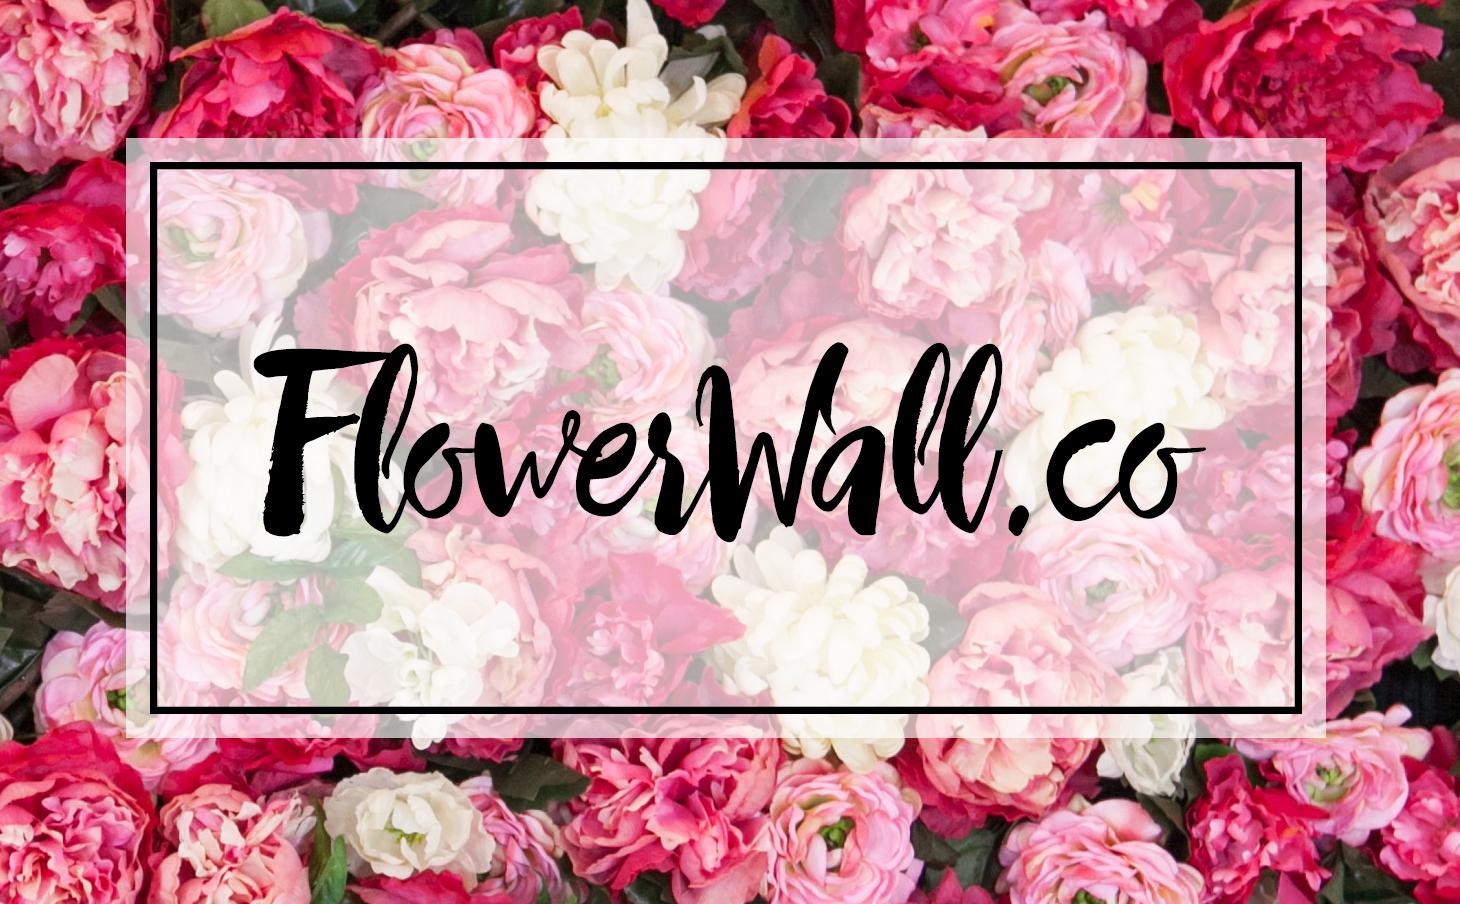 Philadelphia_flower_wall_rental